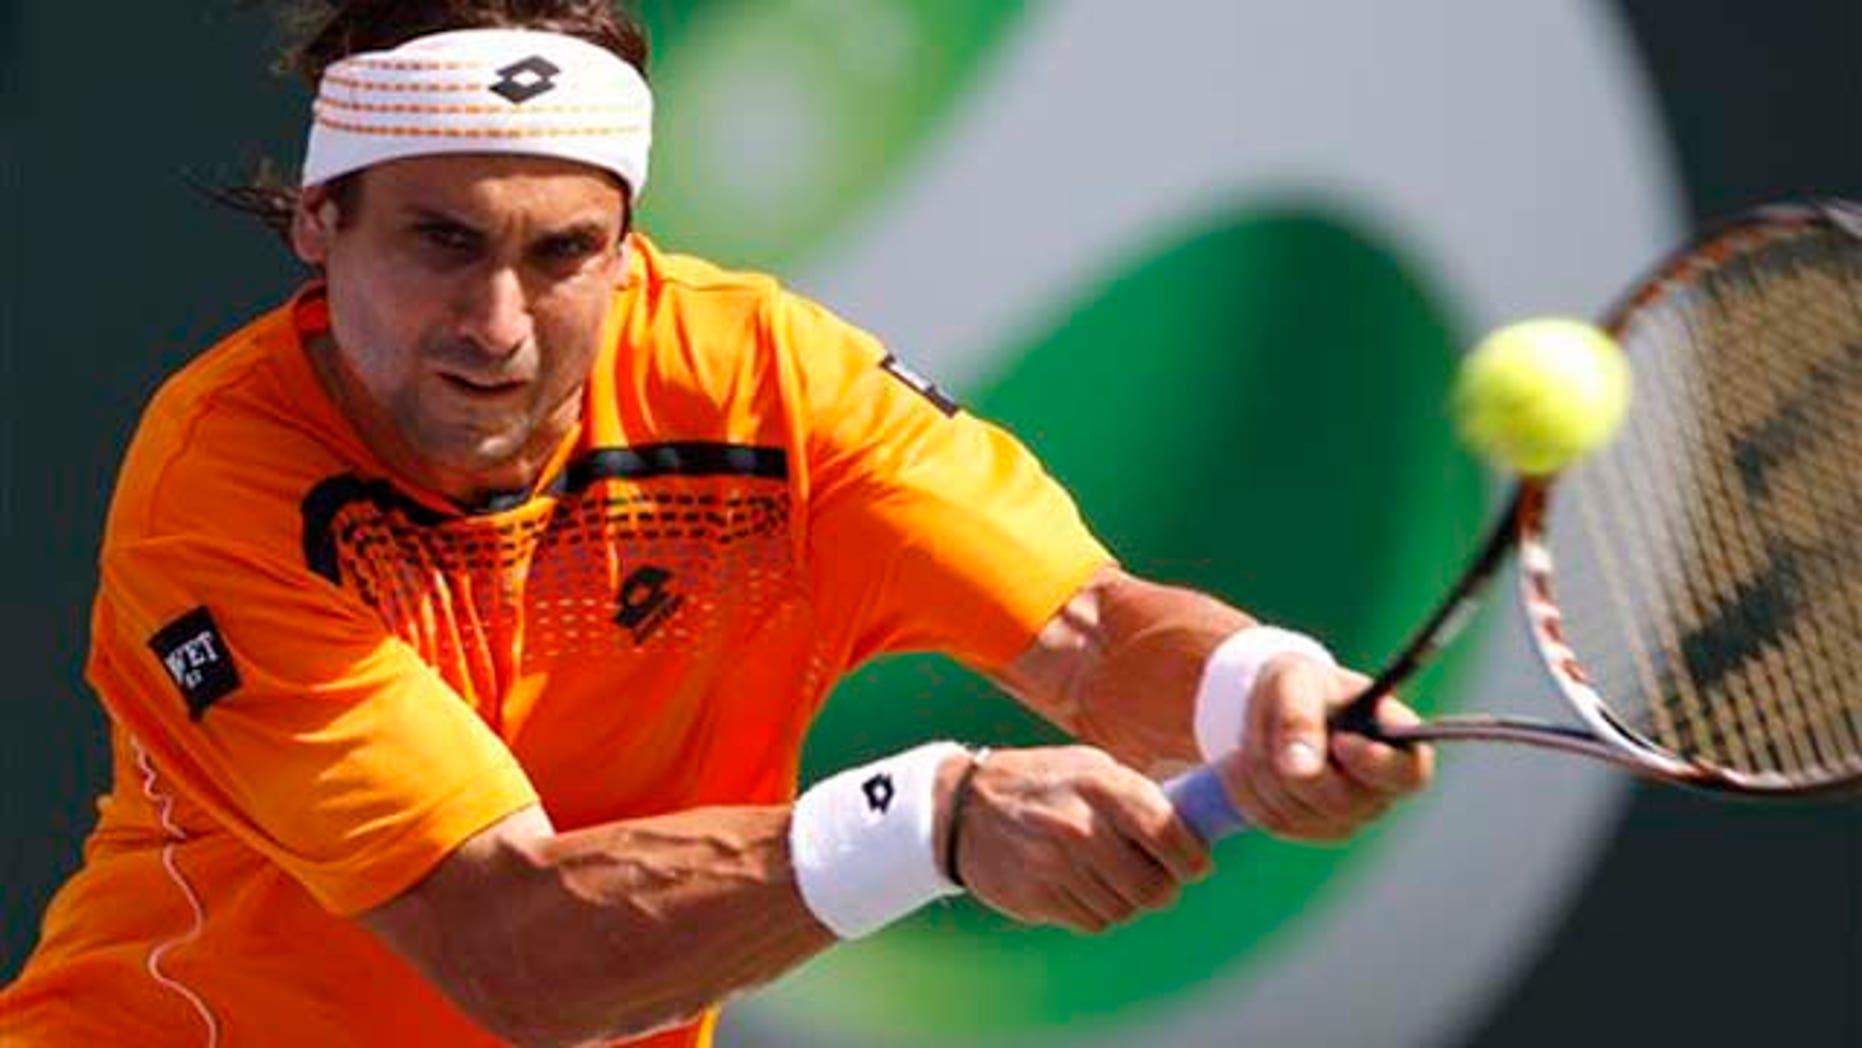 El español David Ferrer devuelve una pelota al estadounidense Mardy Fish en el Masters de Miami en Cayo Vizcaíno, Florida, el miércoles 30 de marzo del 2011. (AP foto/Alan Diaz)